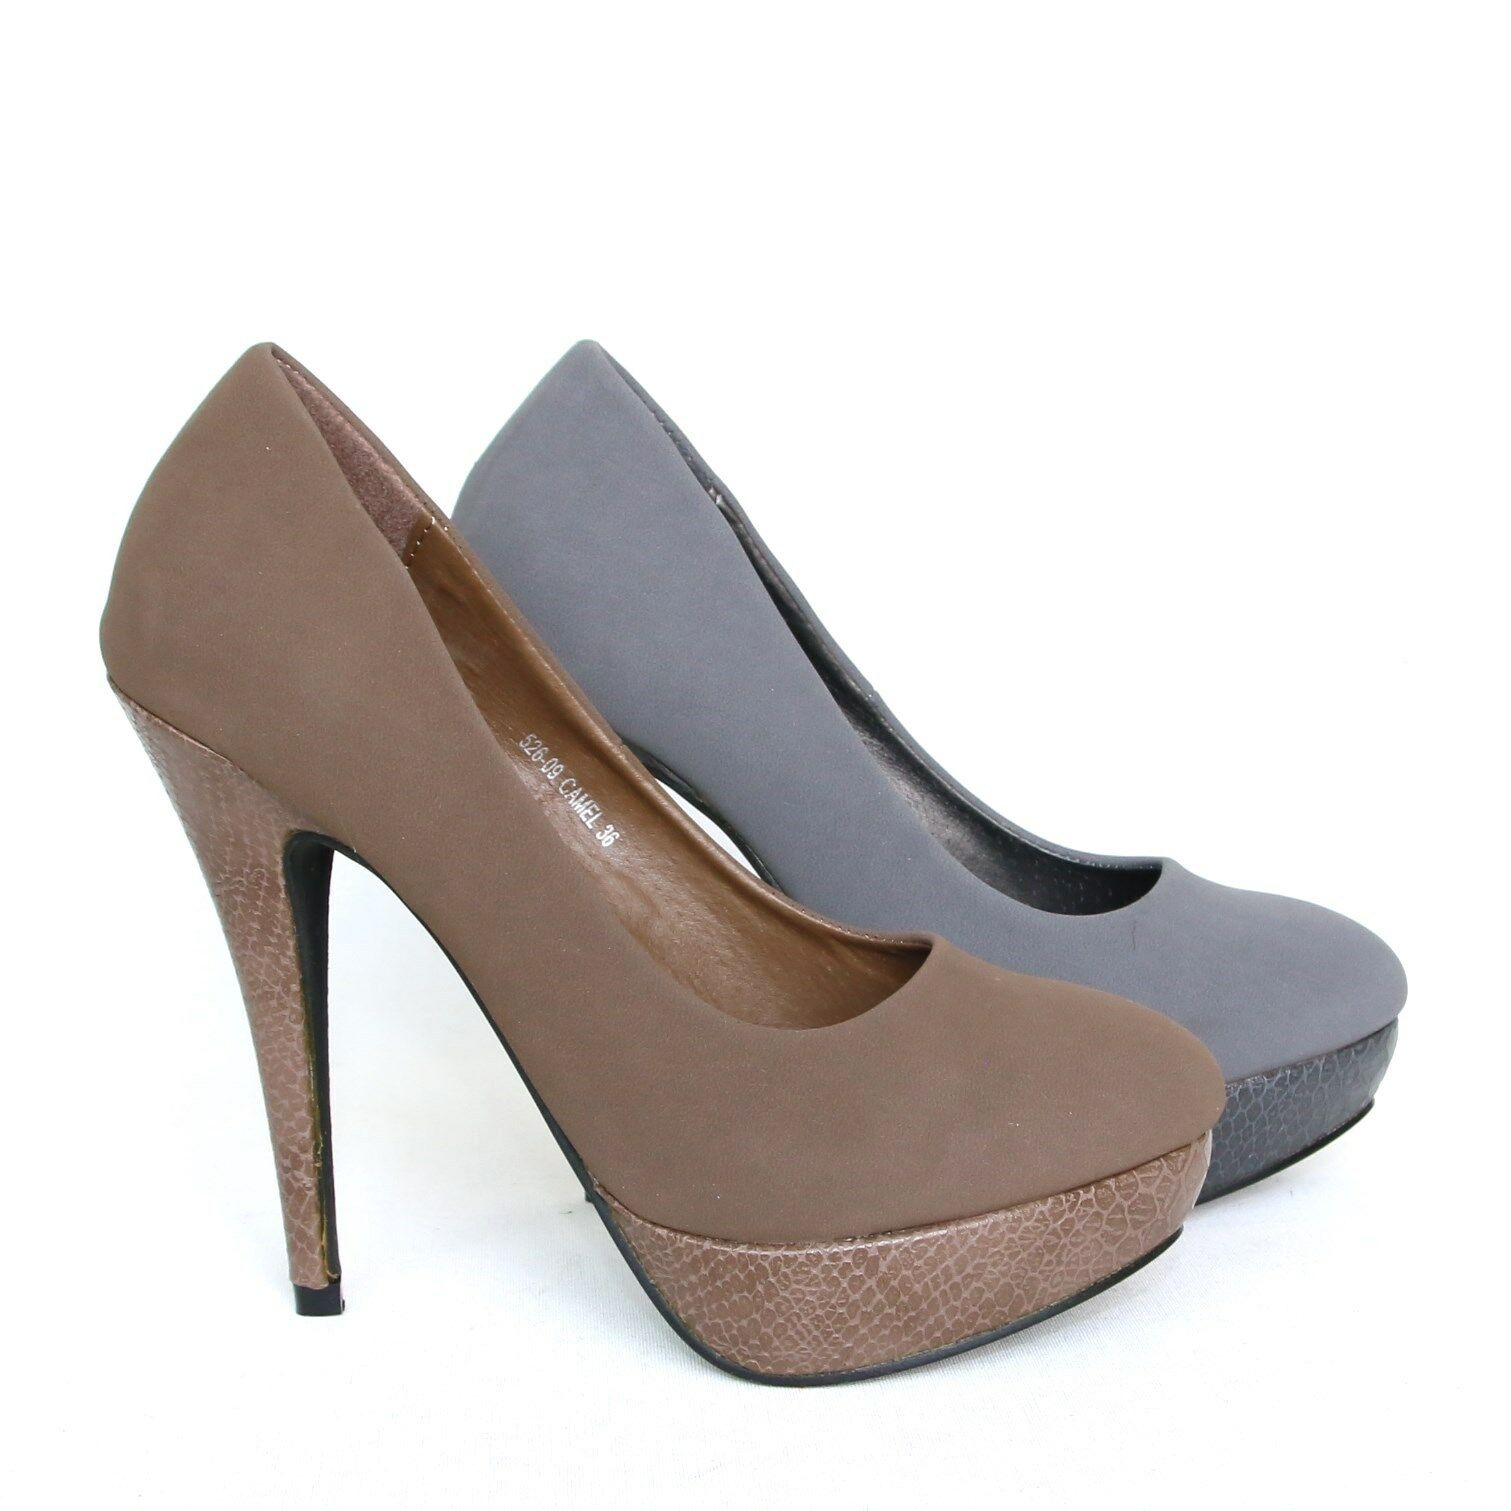 Plateau Damen Pumps High Heels Stilettos Damenschuhe Party Shoes Neu 526-09